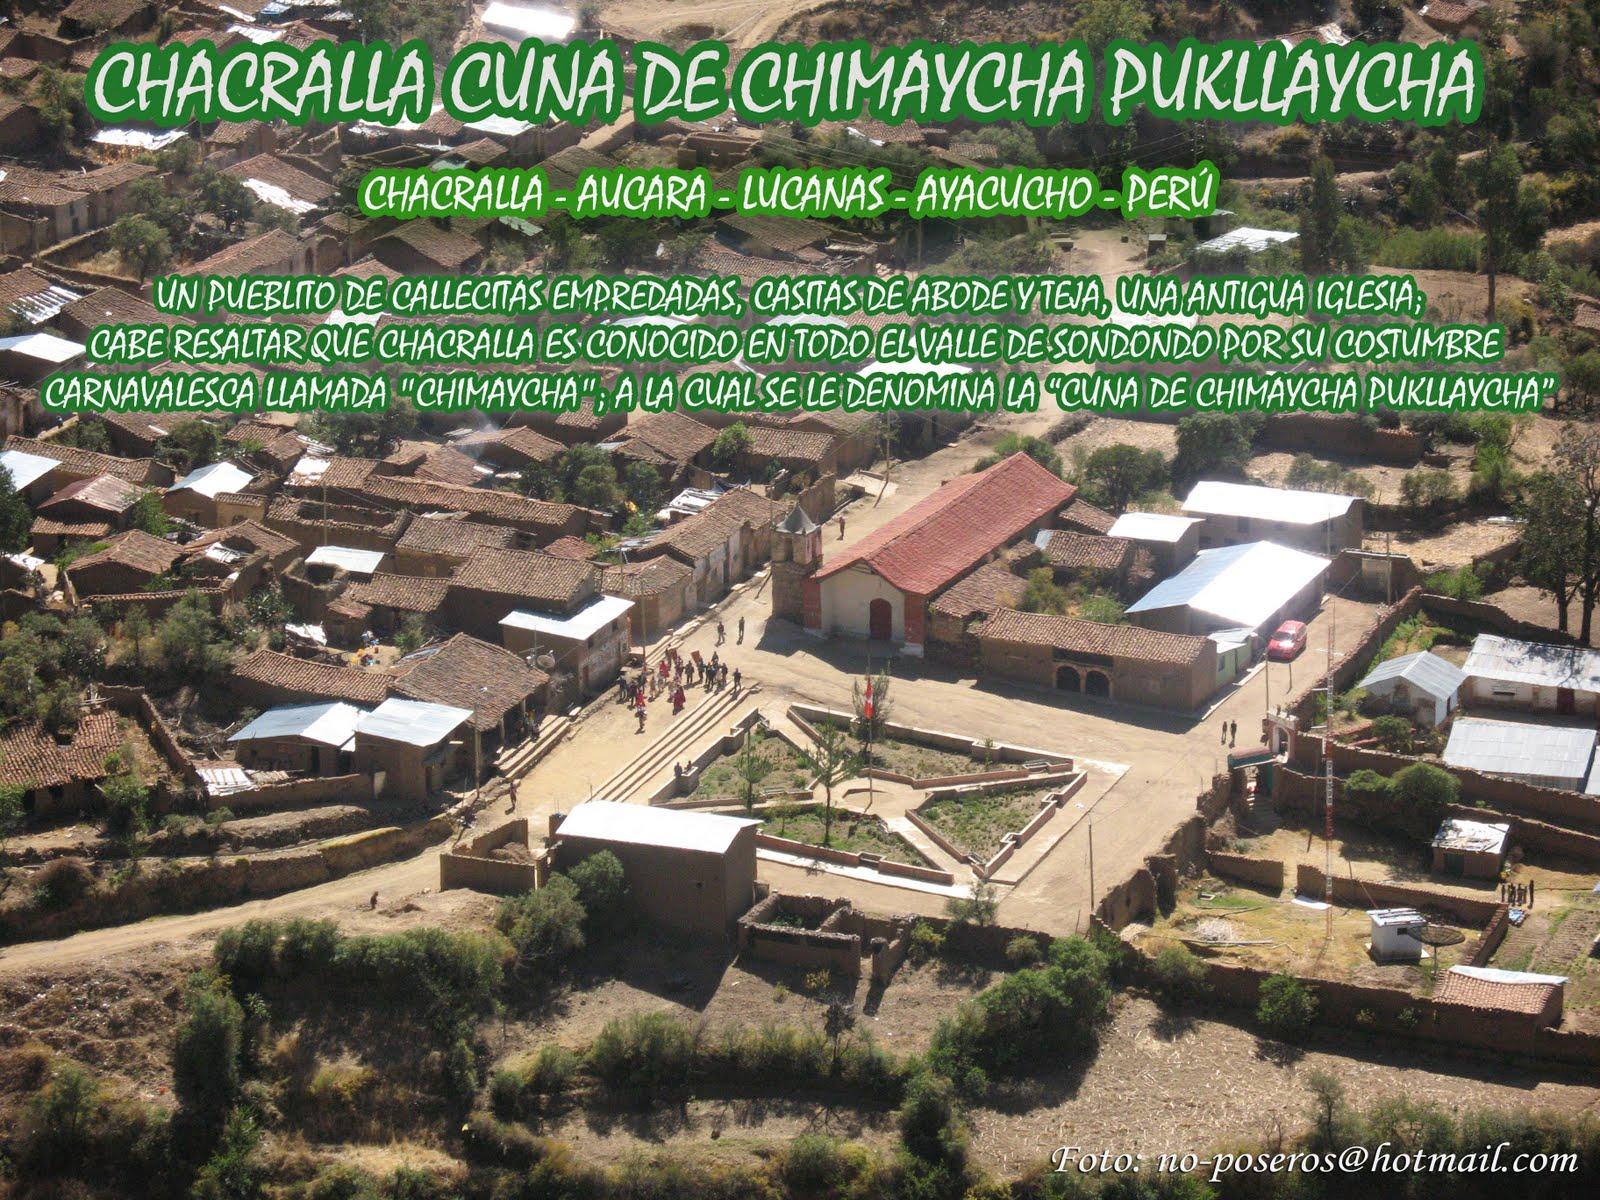 Vista Panorámico de Chacralla